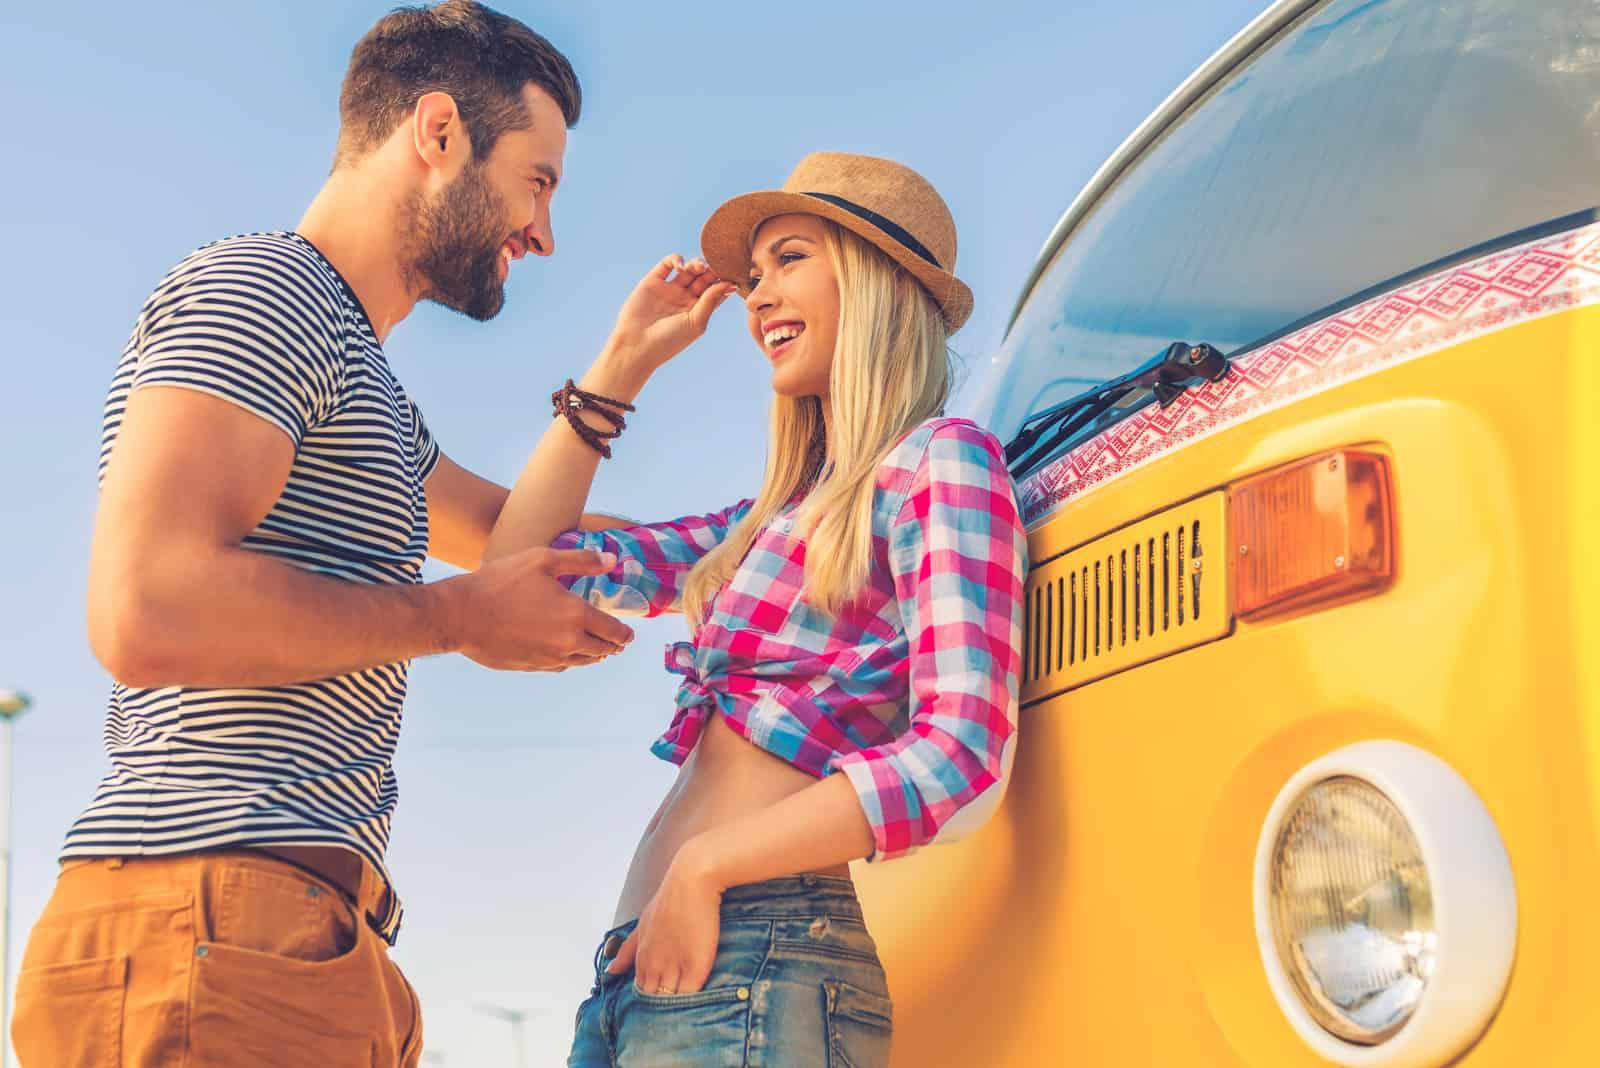 un homme et une femme souriants se tiennent appuyés contre le bus et parlent